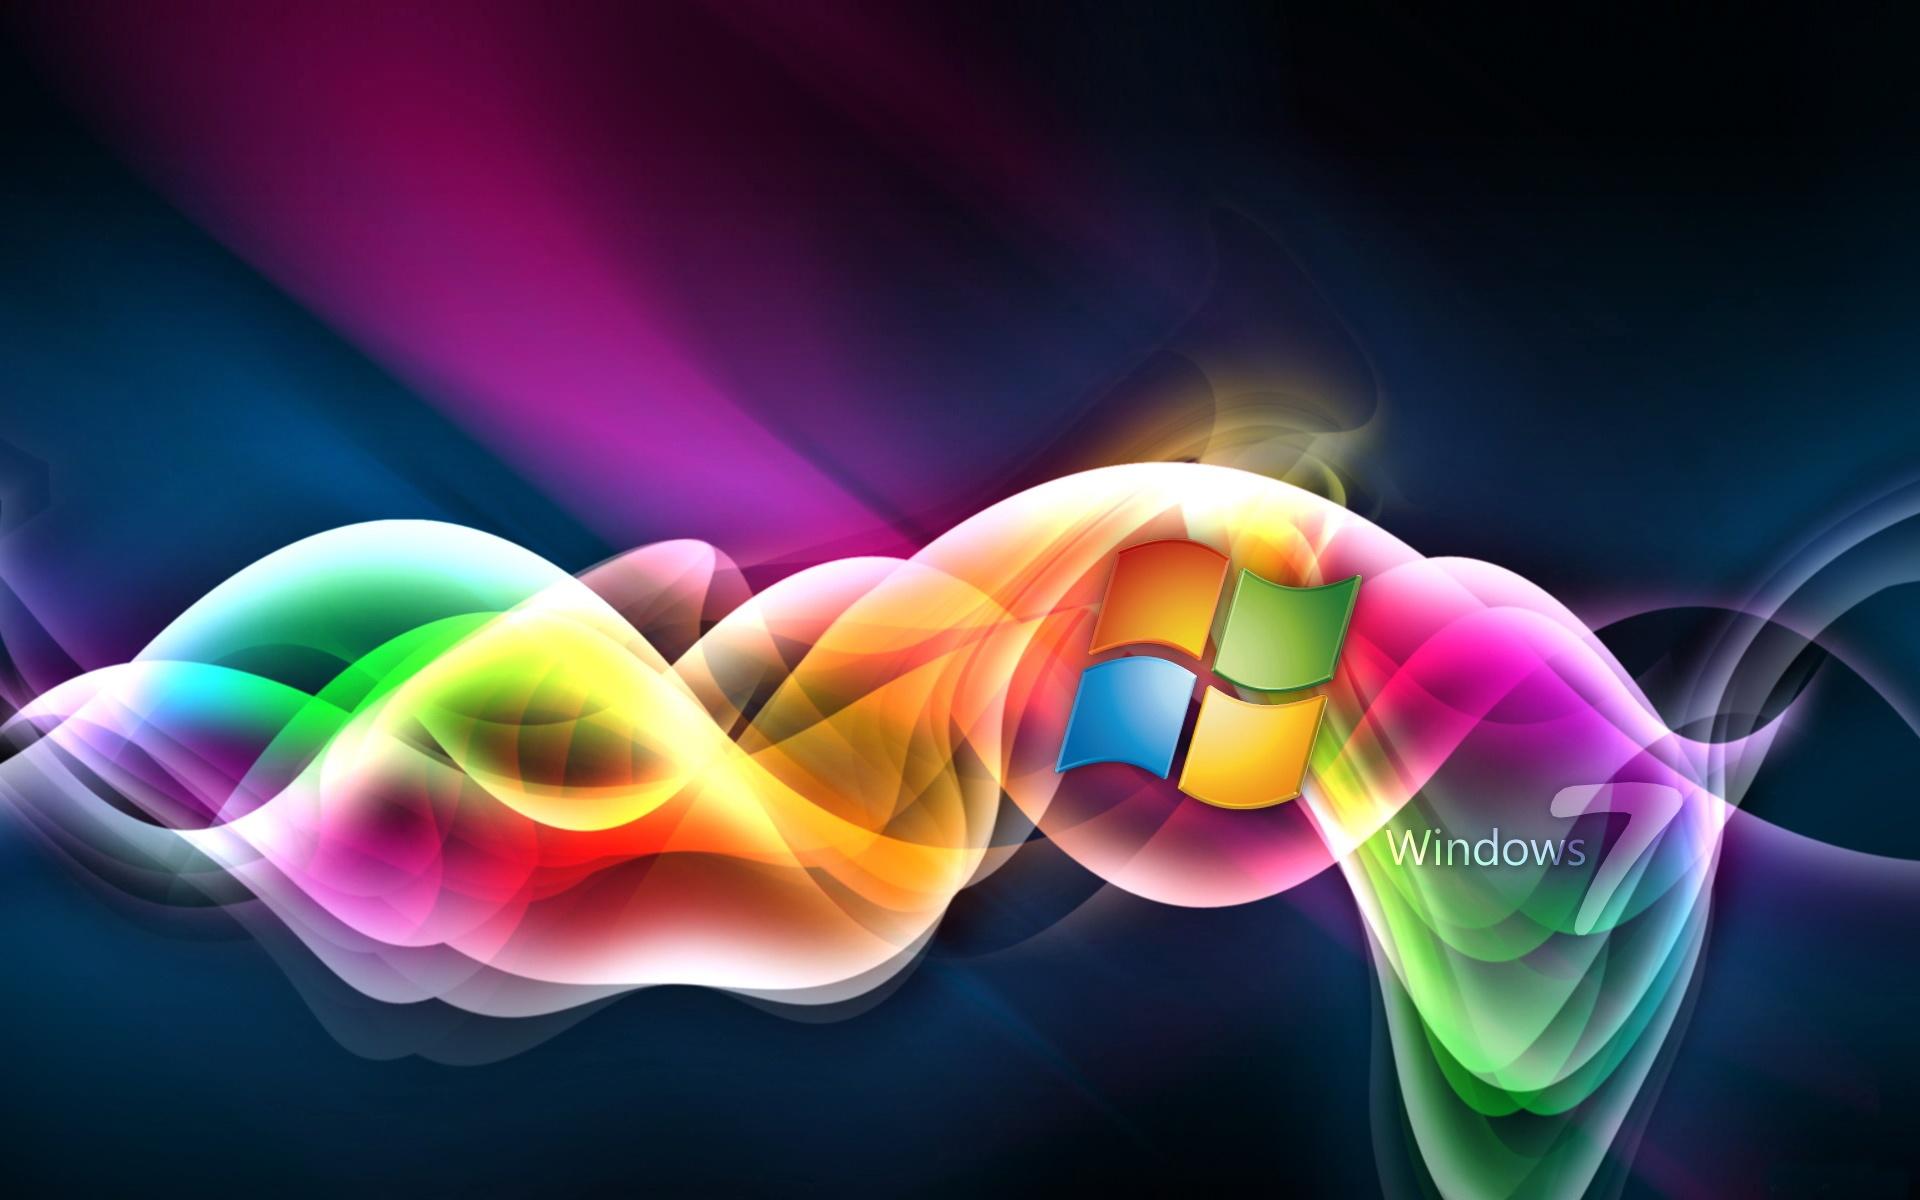 Free Wallpaper for Laptops Windows 7 on ...